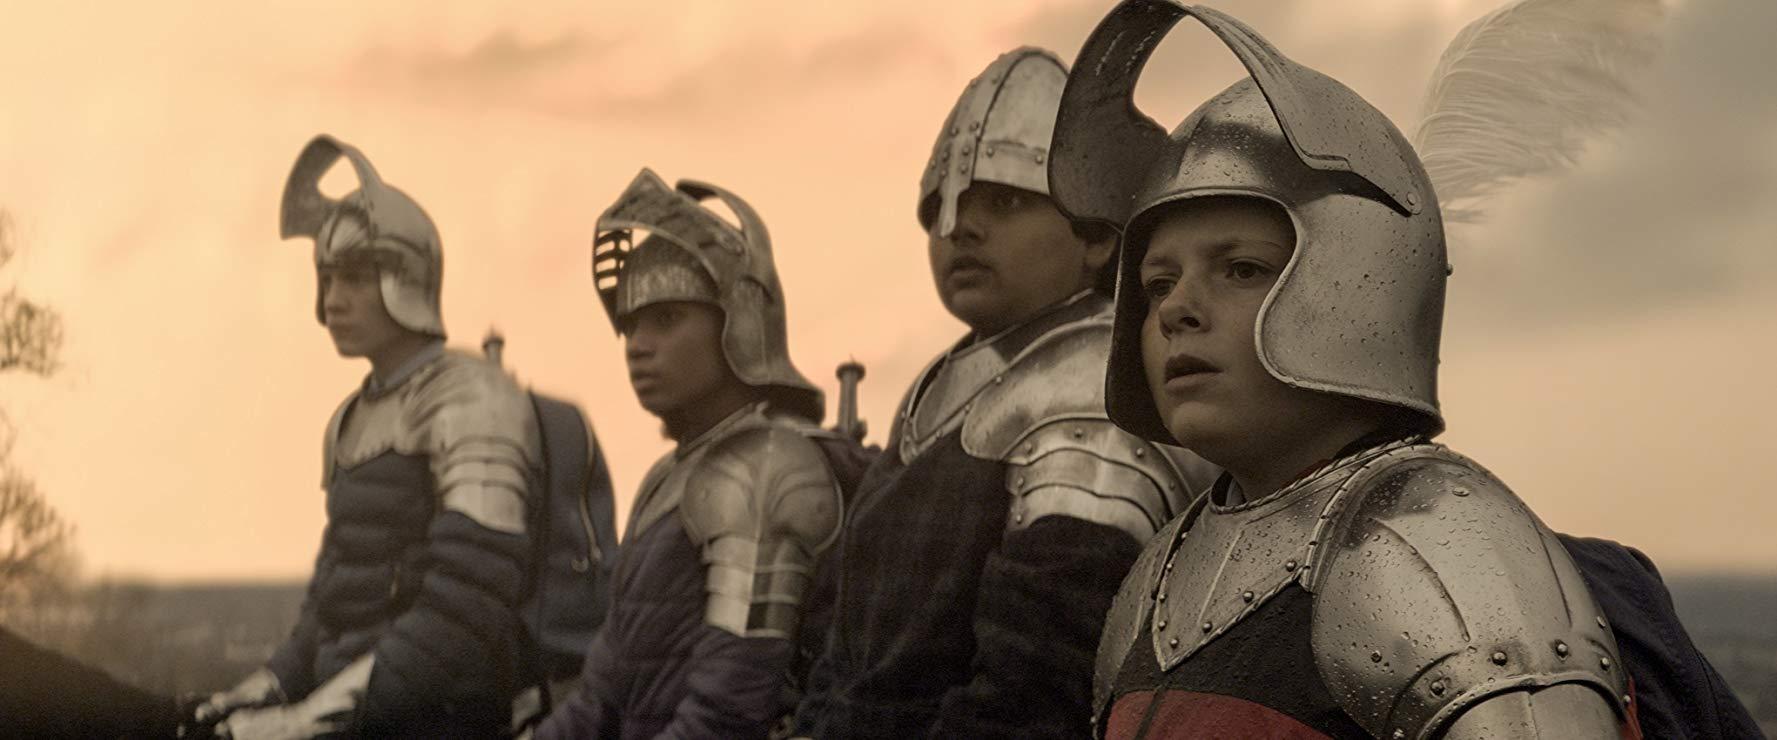 Il Ragazzo che diventerà Re: Louis Ashbourne Serkis, Dean Chaumoo , Rhianna Dorris e Tom Taylor  in una scena del film